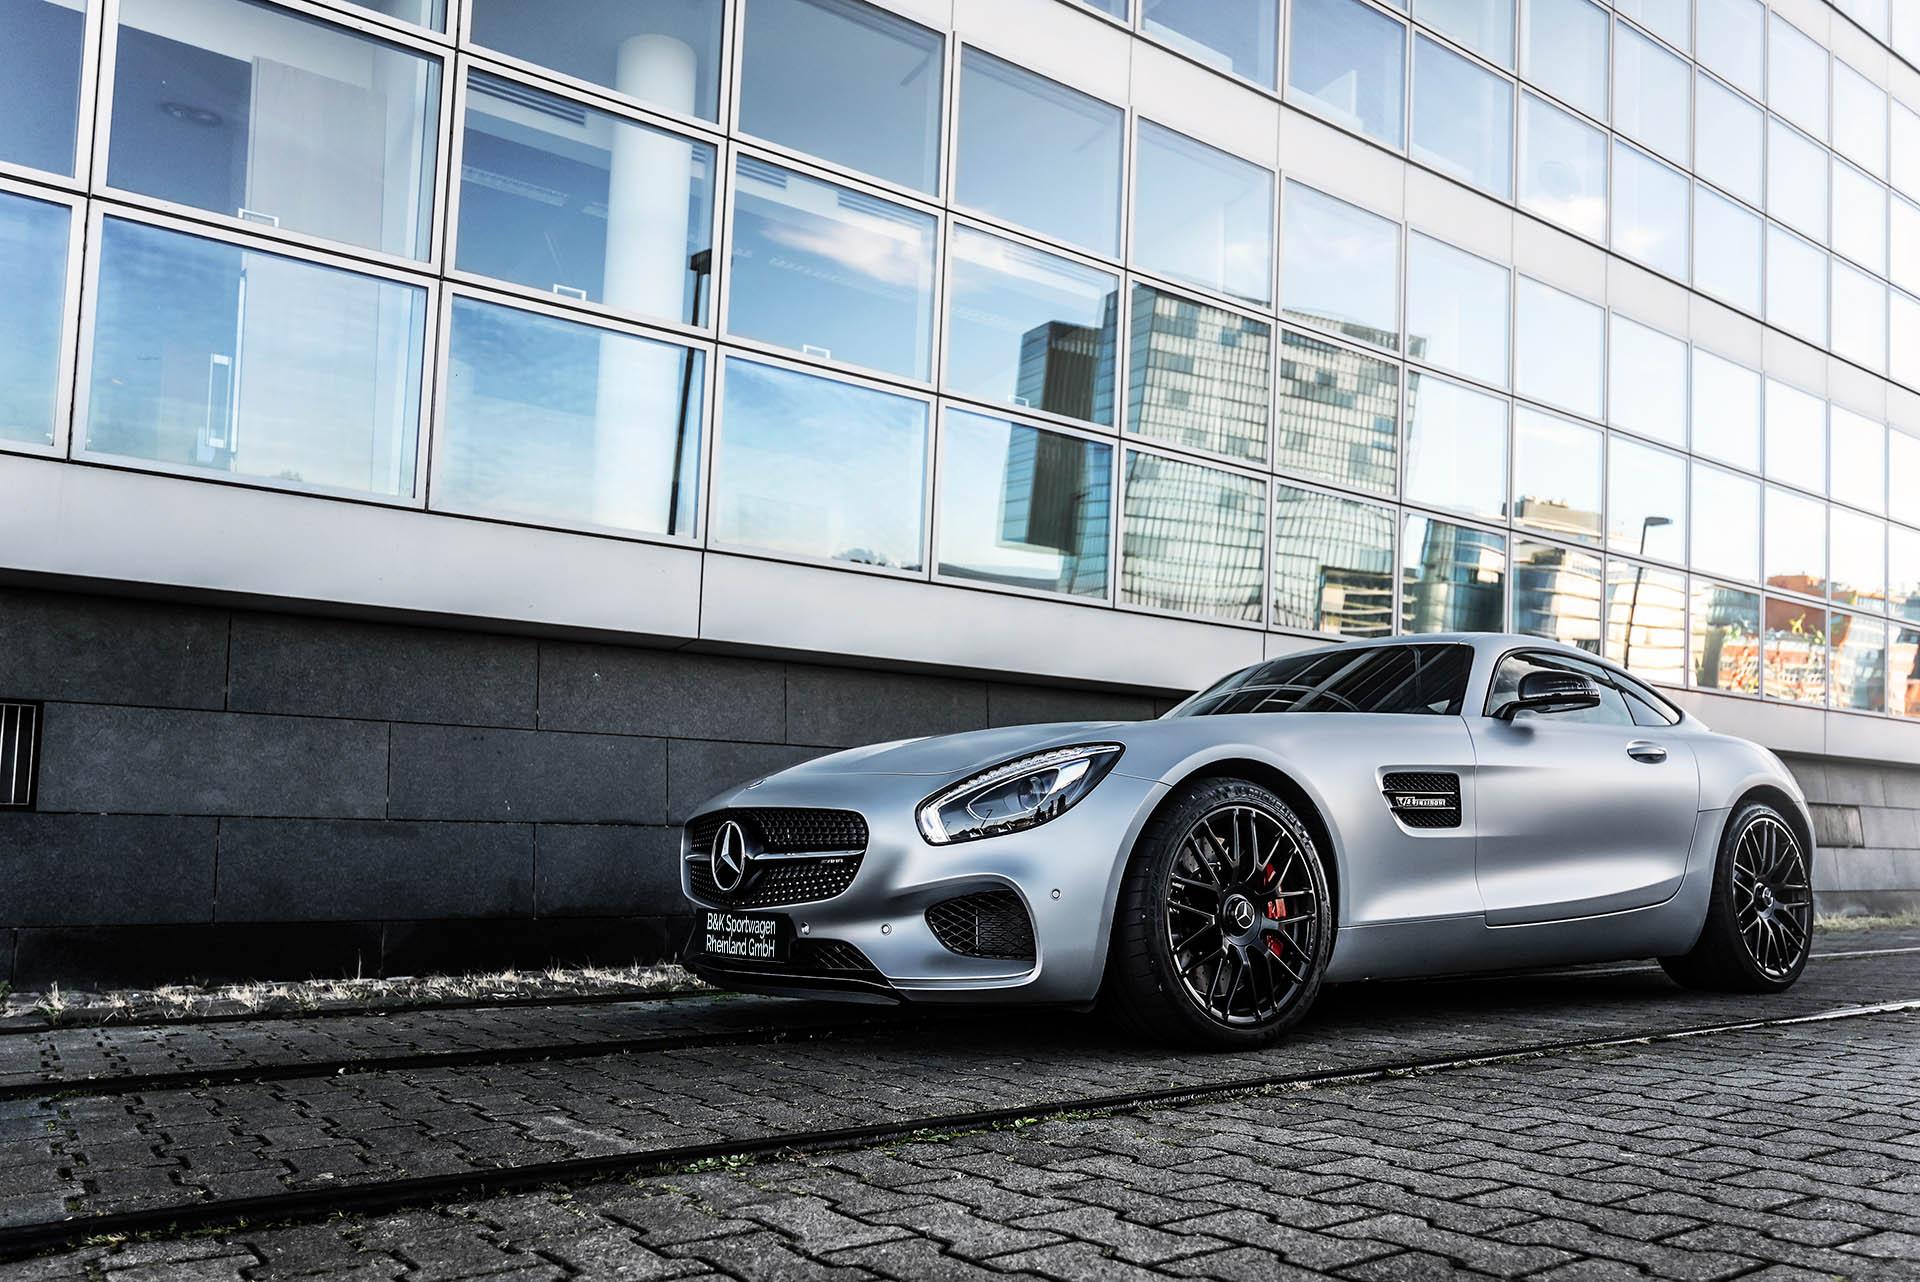 B + K_Sportwagen_Rheinland_GmbH_Mercedes_Benz_AMG_GTS_Silber_17